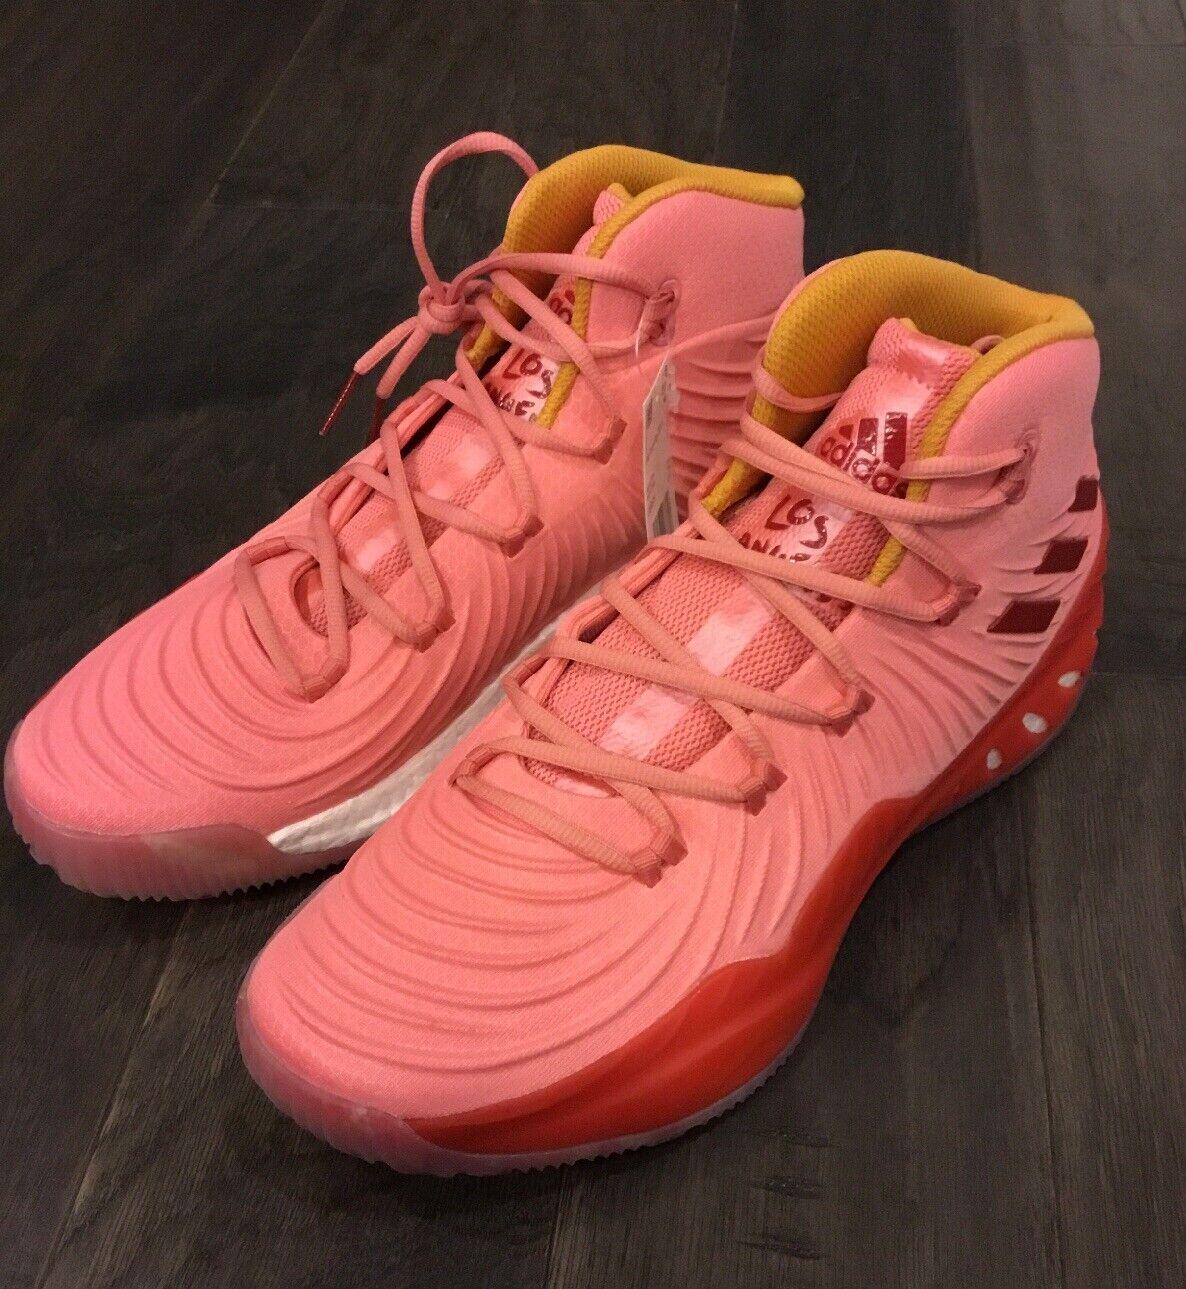 New fashion Hommes Souliers Brogues De Bout D/'Aile Pompons Cuir Robe Chaussures épissure derbies chaussures